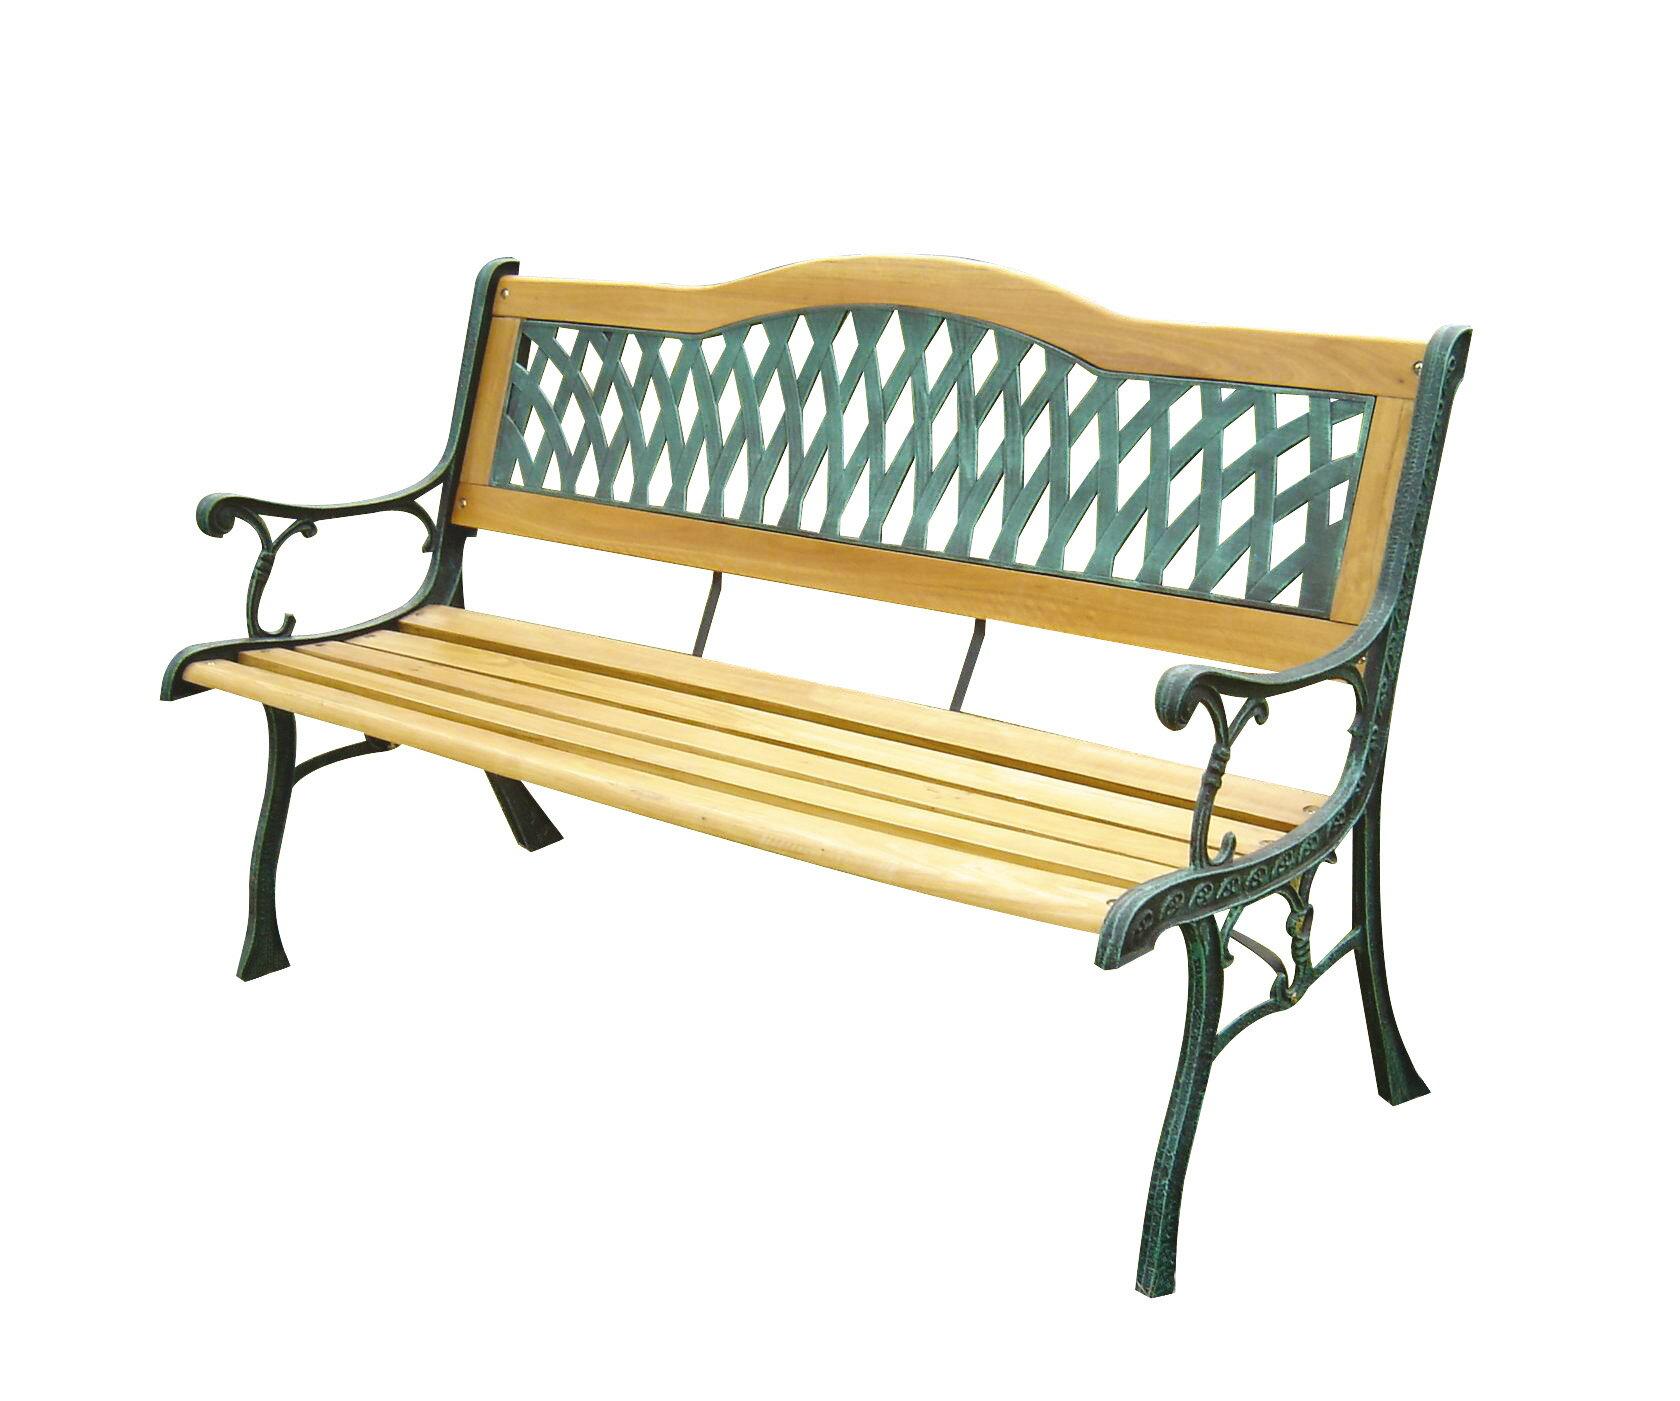 Ofertas de bancos de forja para jardin compara precios - Banco madera exterior ...